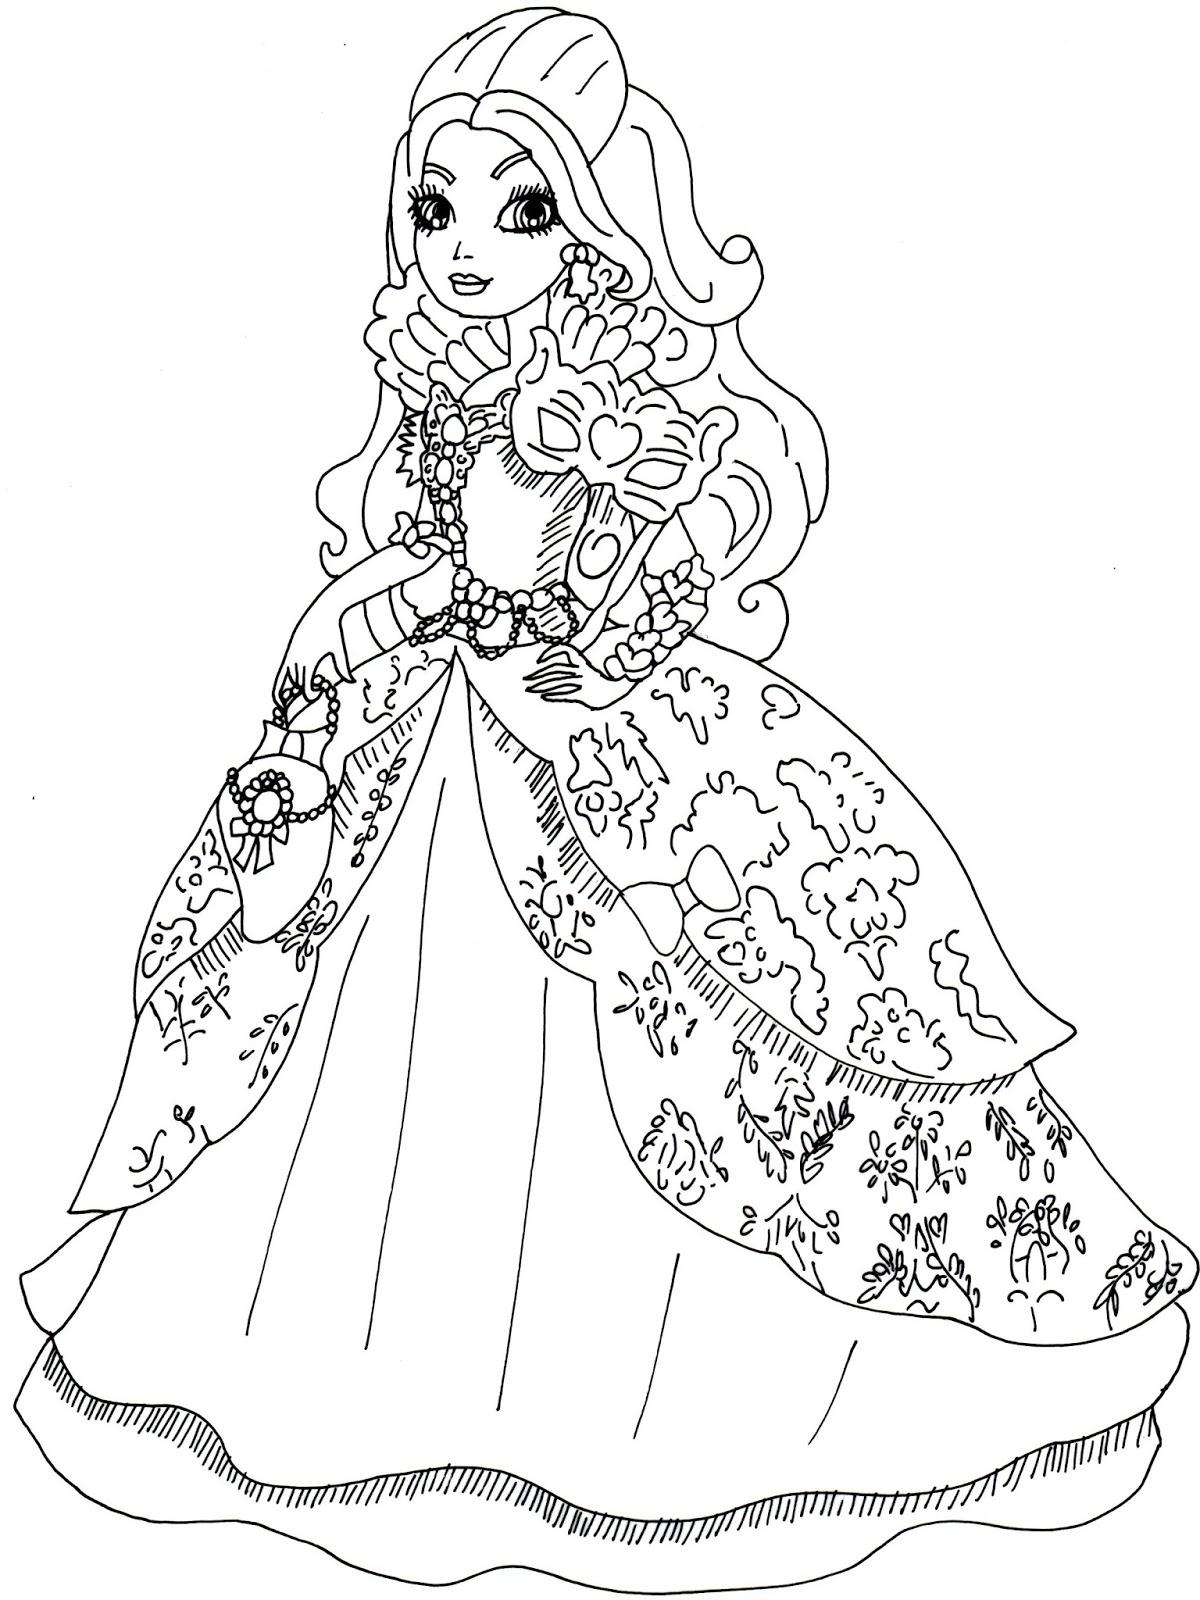 Desenho De Apple White Em Baile De Gala Para Colorir